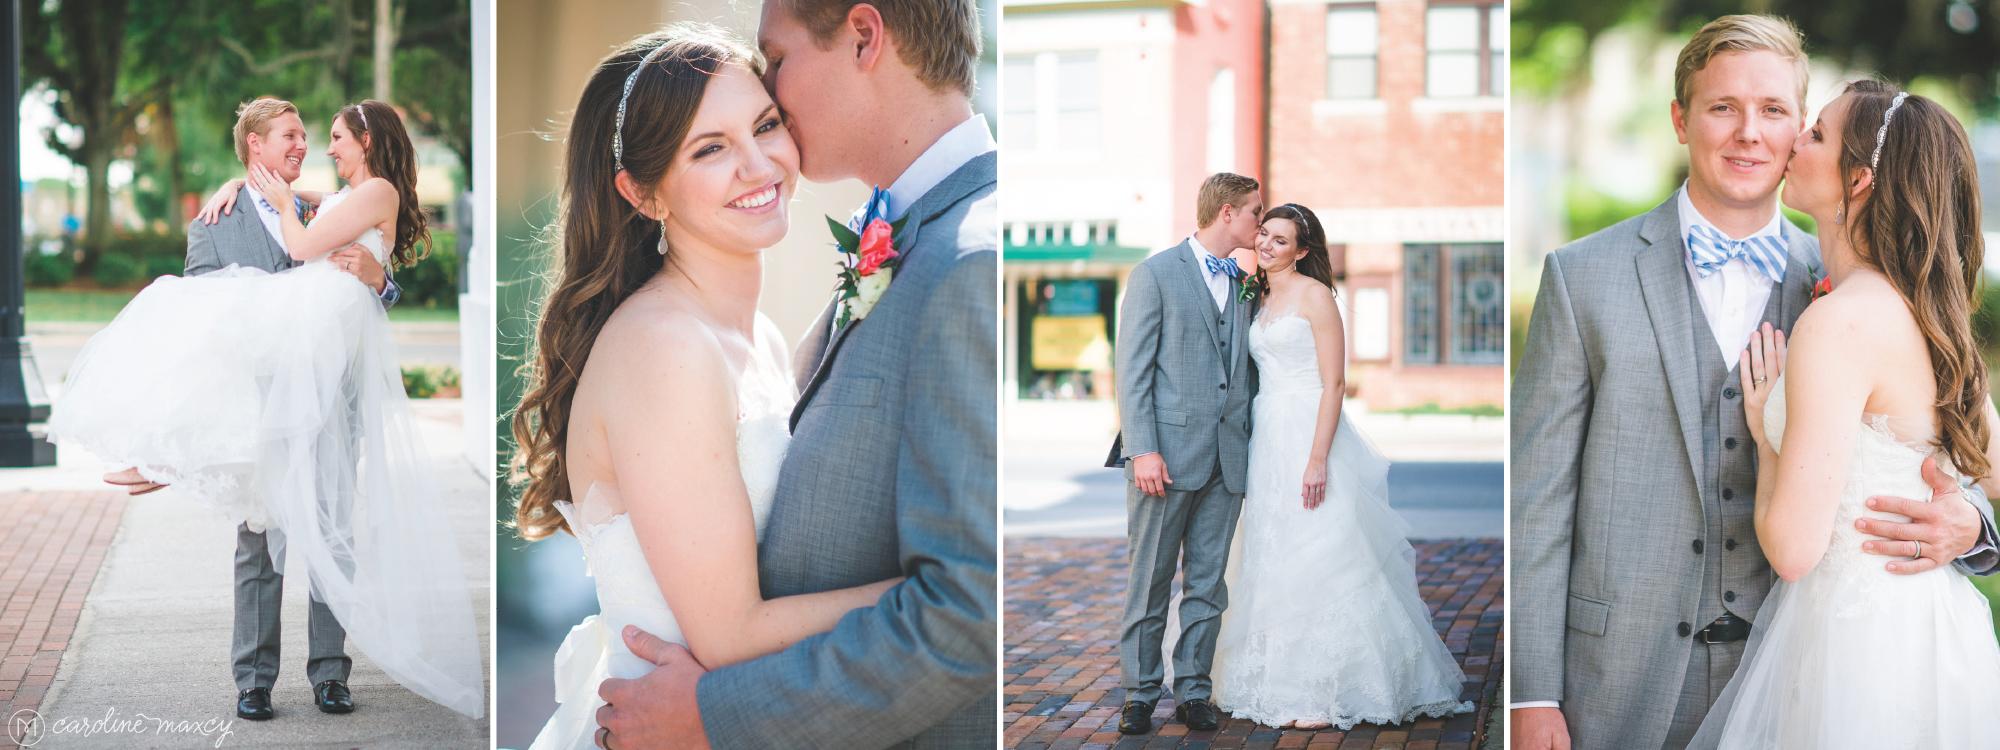 Elic and Amanda's Sebring, FL wedding with Caroline Maxcy Photography.